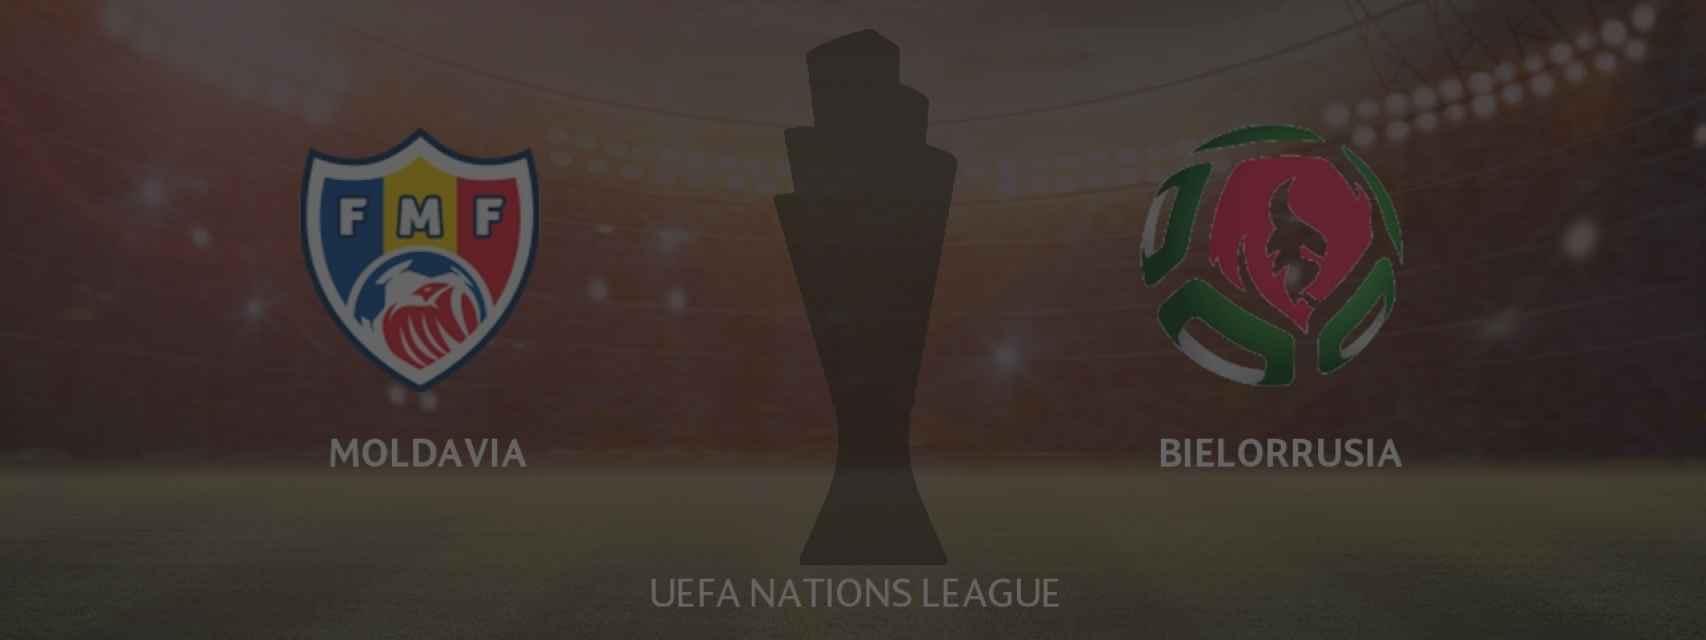 Moldavia - Bielorrusia, UEFA Nations League